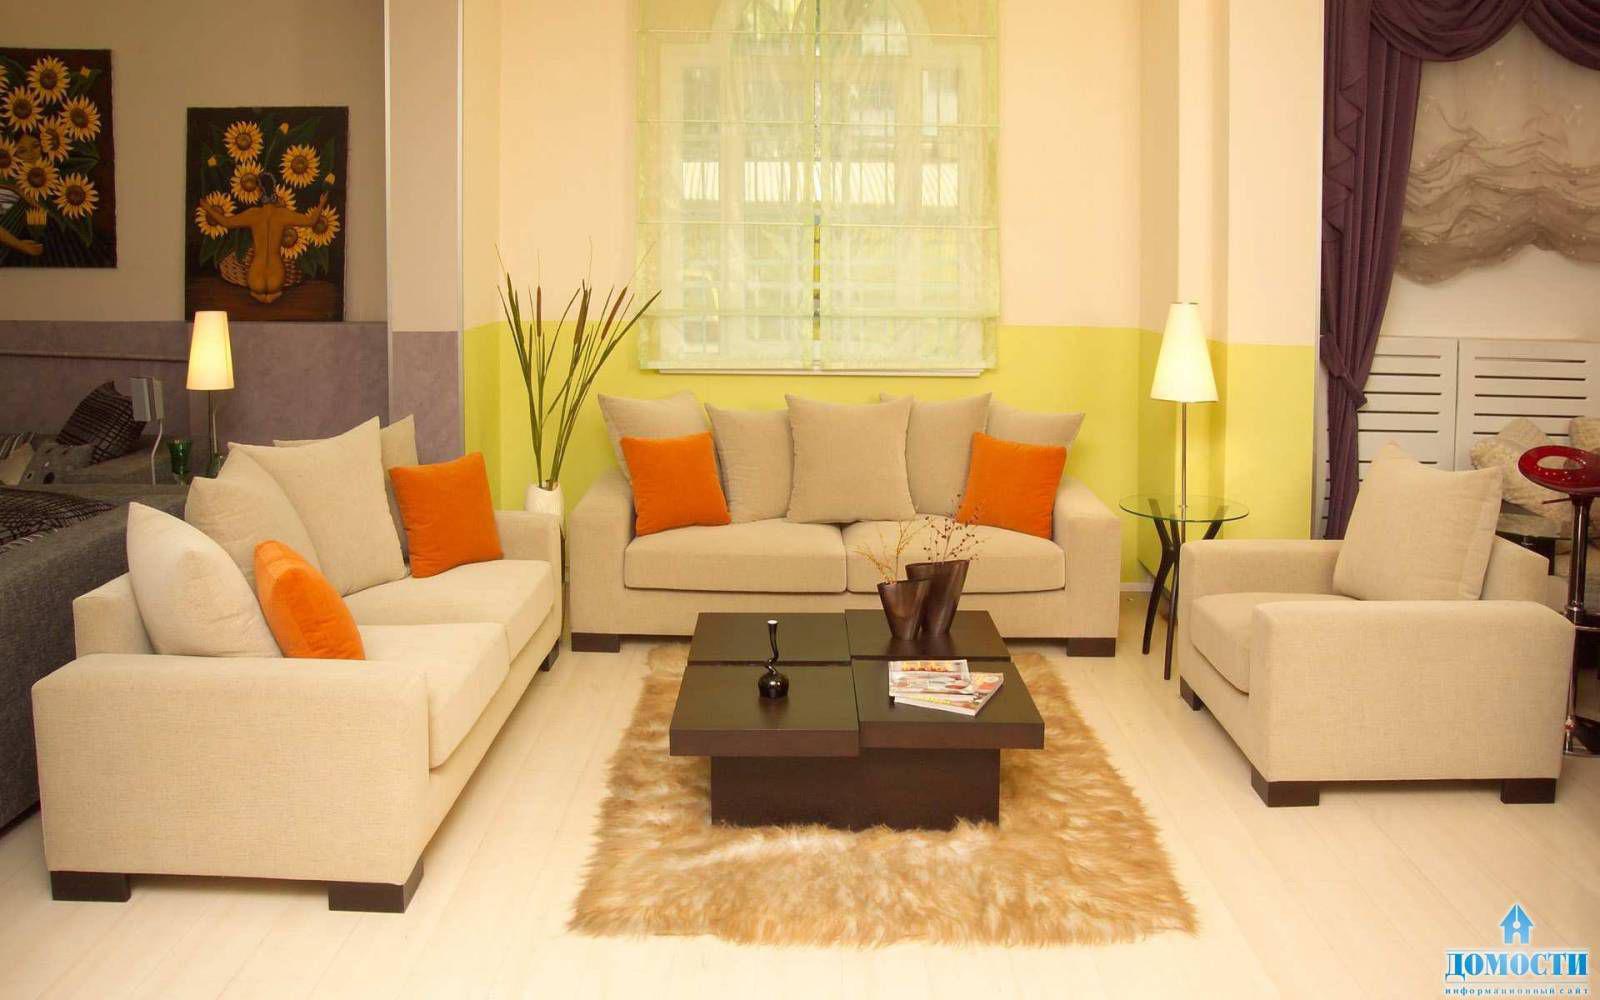 Layout-Layout des Wohnzimmers eines rechteckigen Klassikers ...